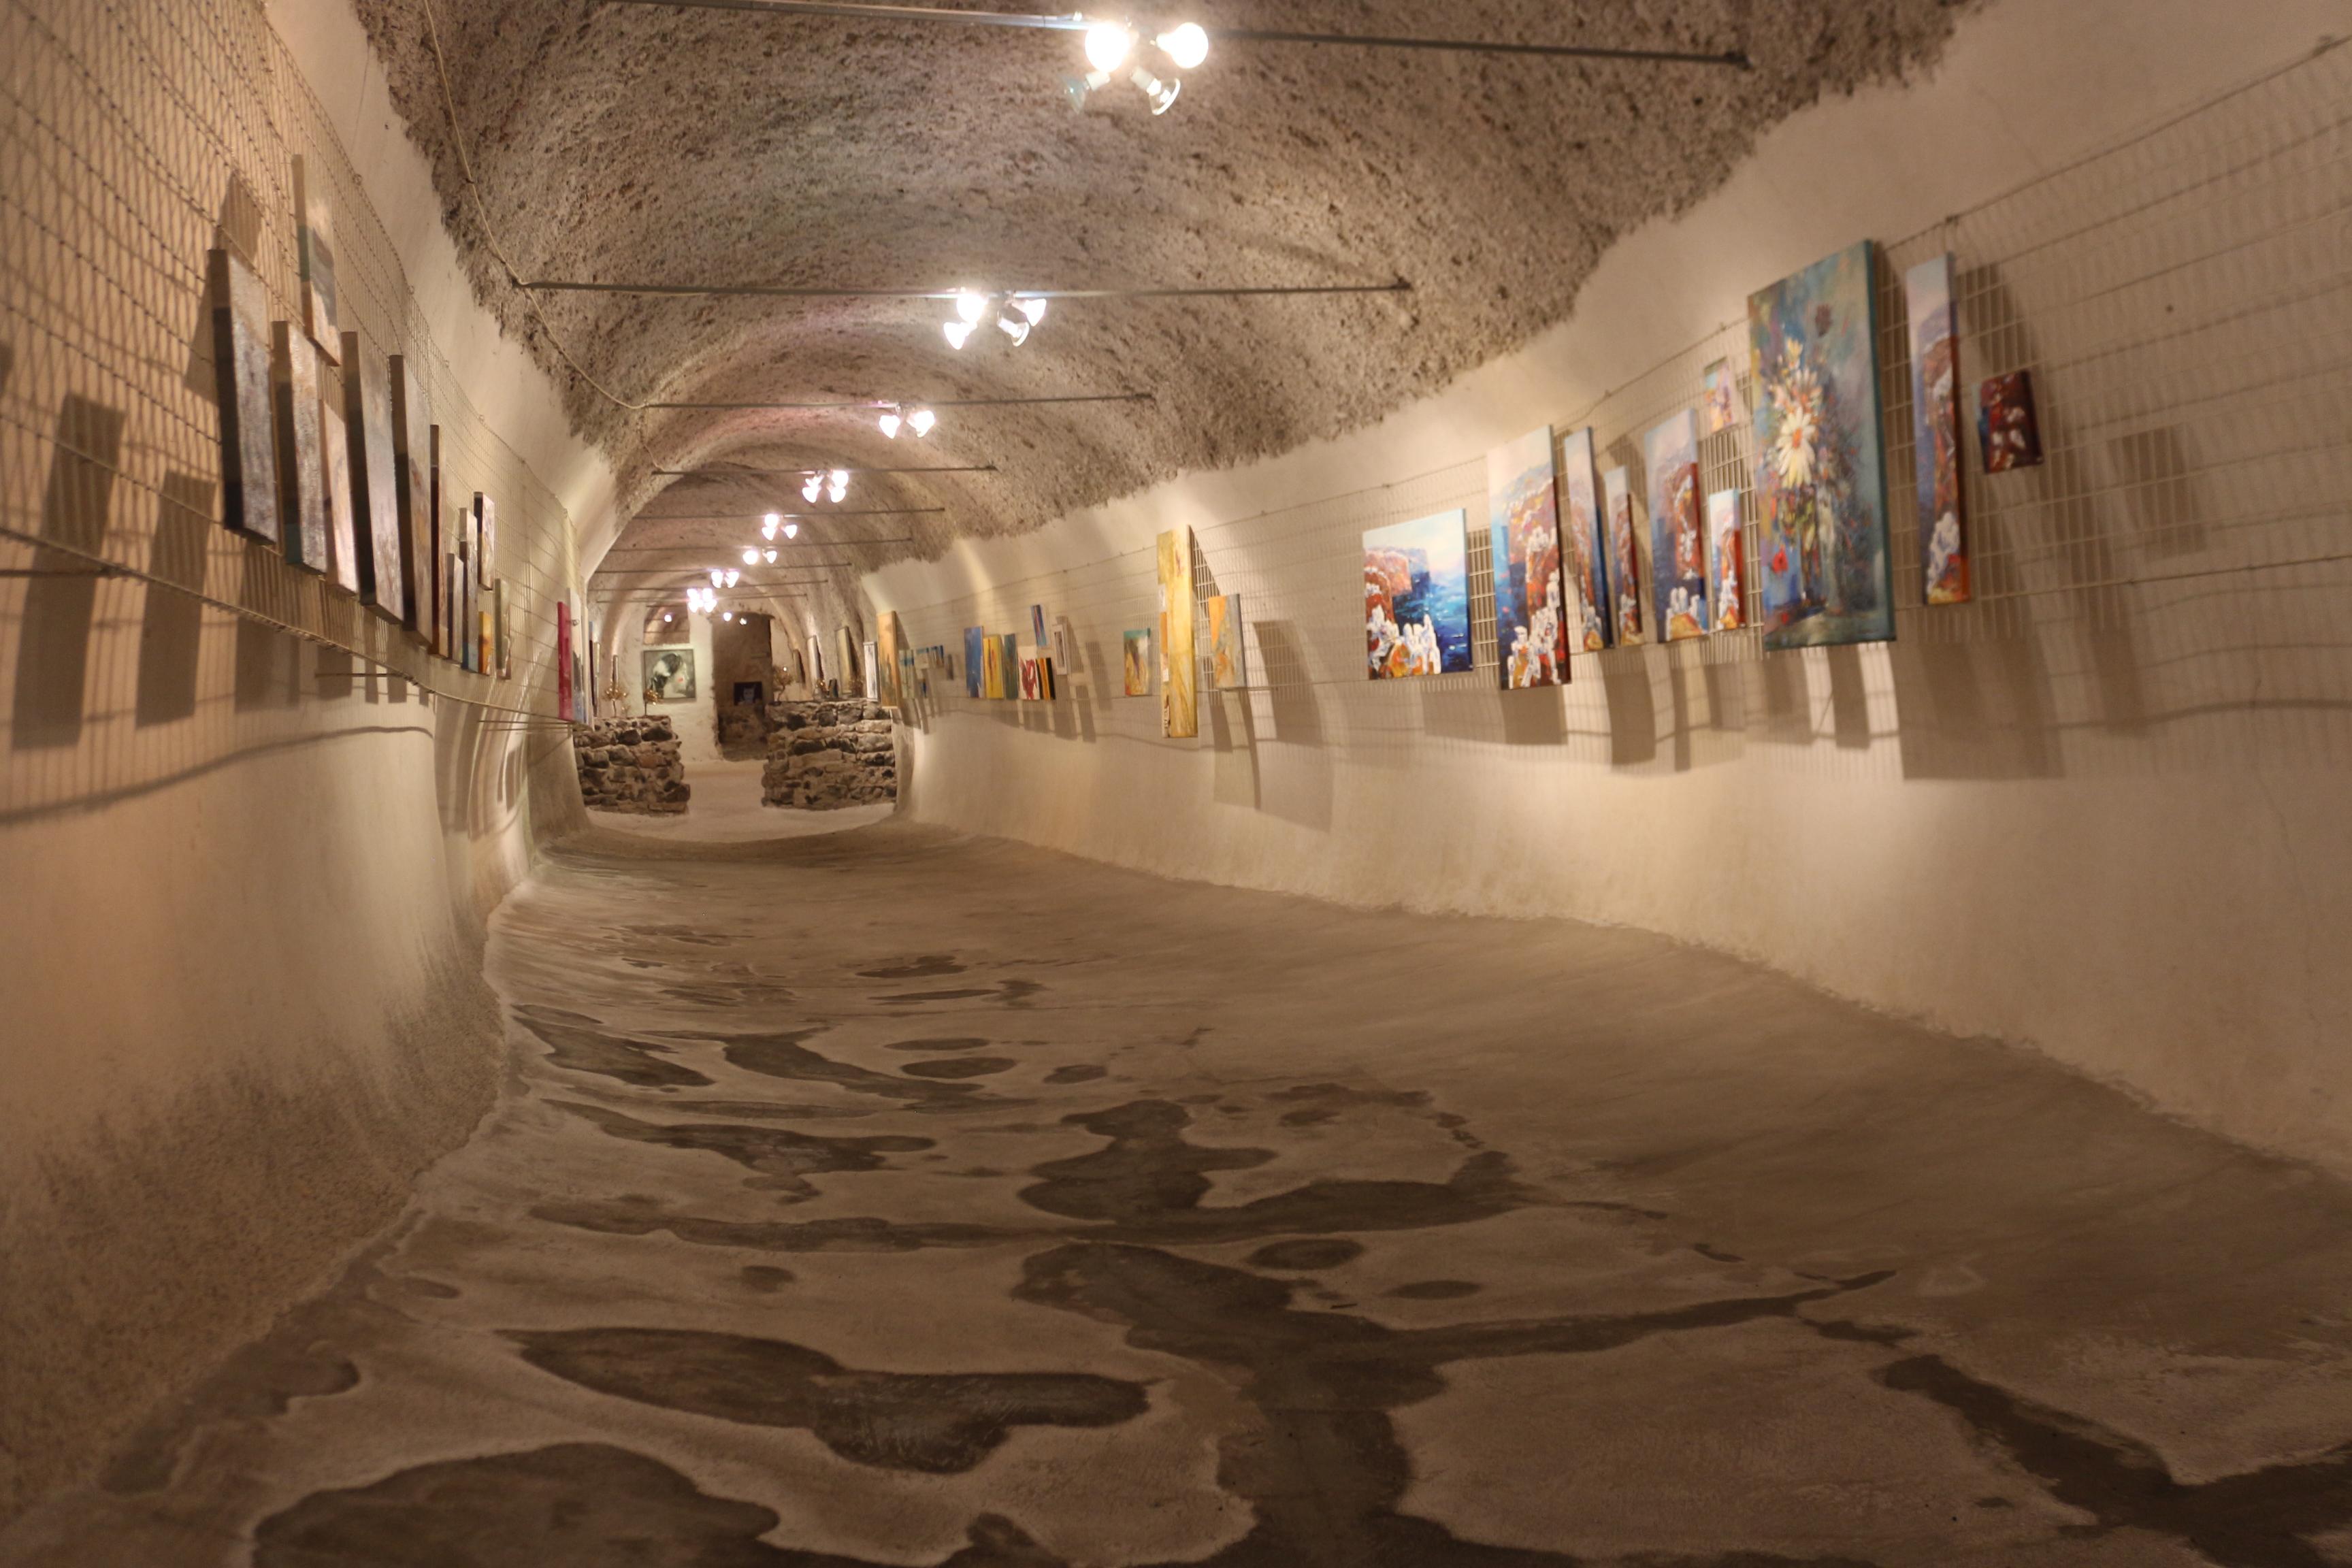 Le musée du vin et sa galerie d'art à Exo Gonia à Santorin